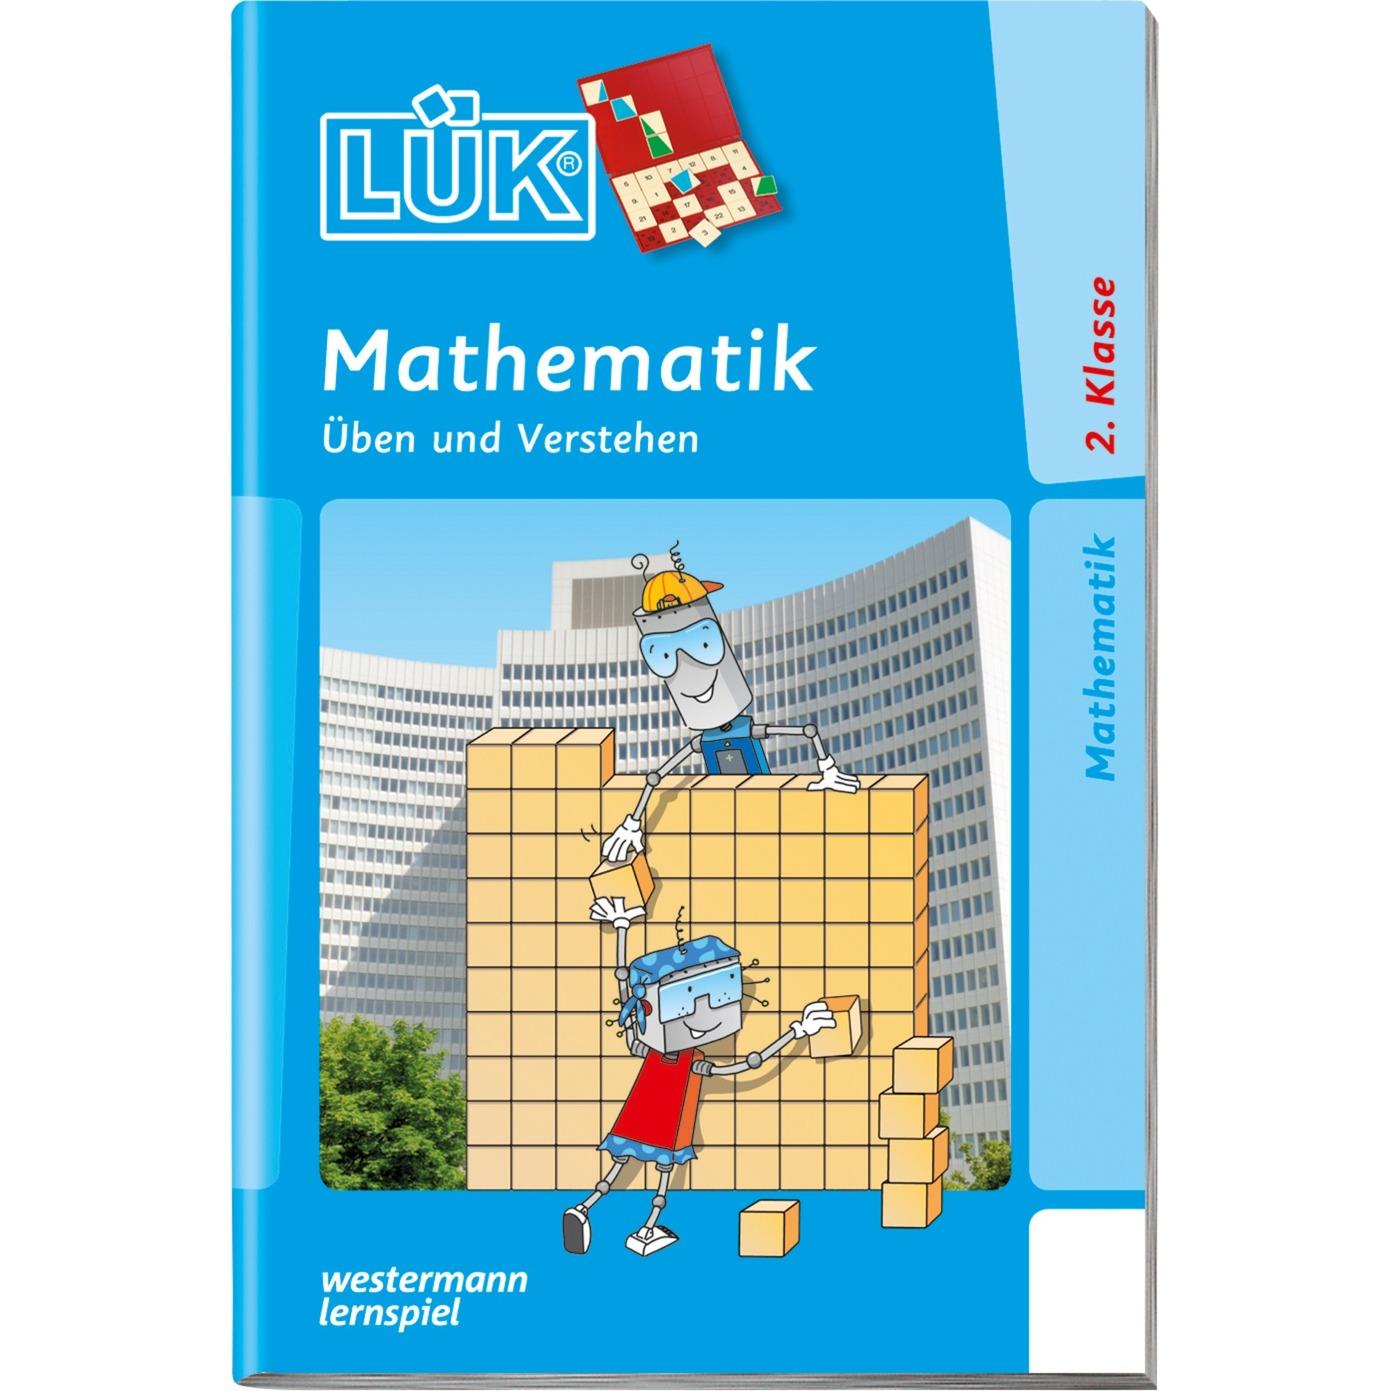 mathematik-2-klasse-ueben-und-verstehen-bornebog-bog-til-indlaring-skolebog